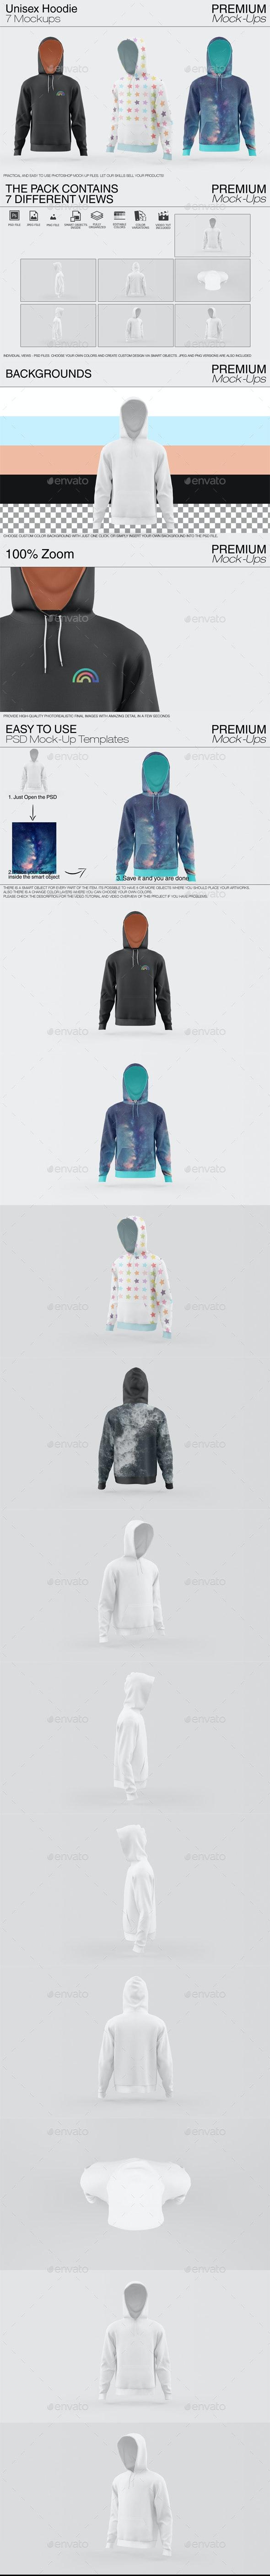 Unisex Hoodie Mockup Set - Print Product Mock-Ups